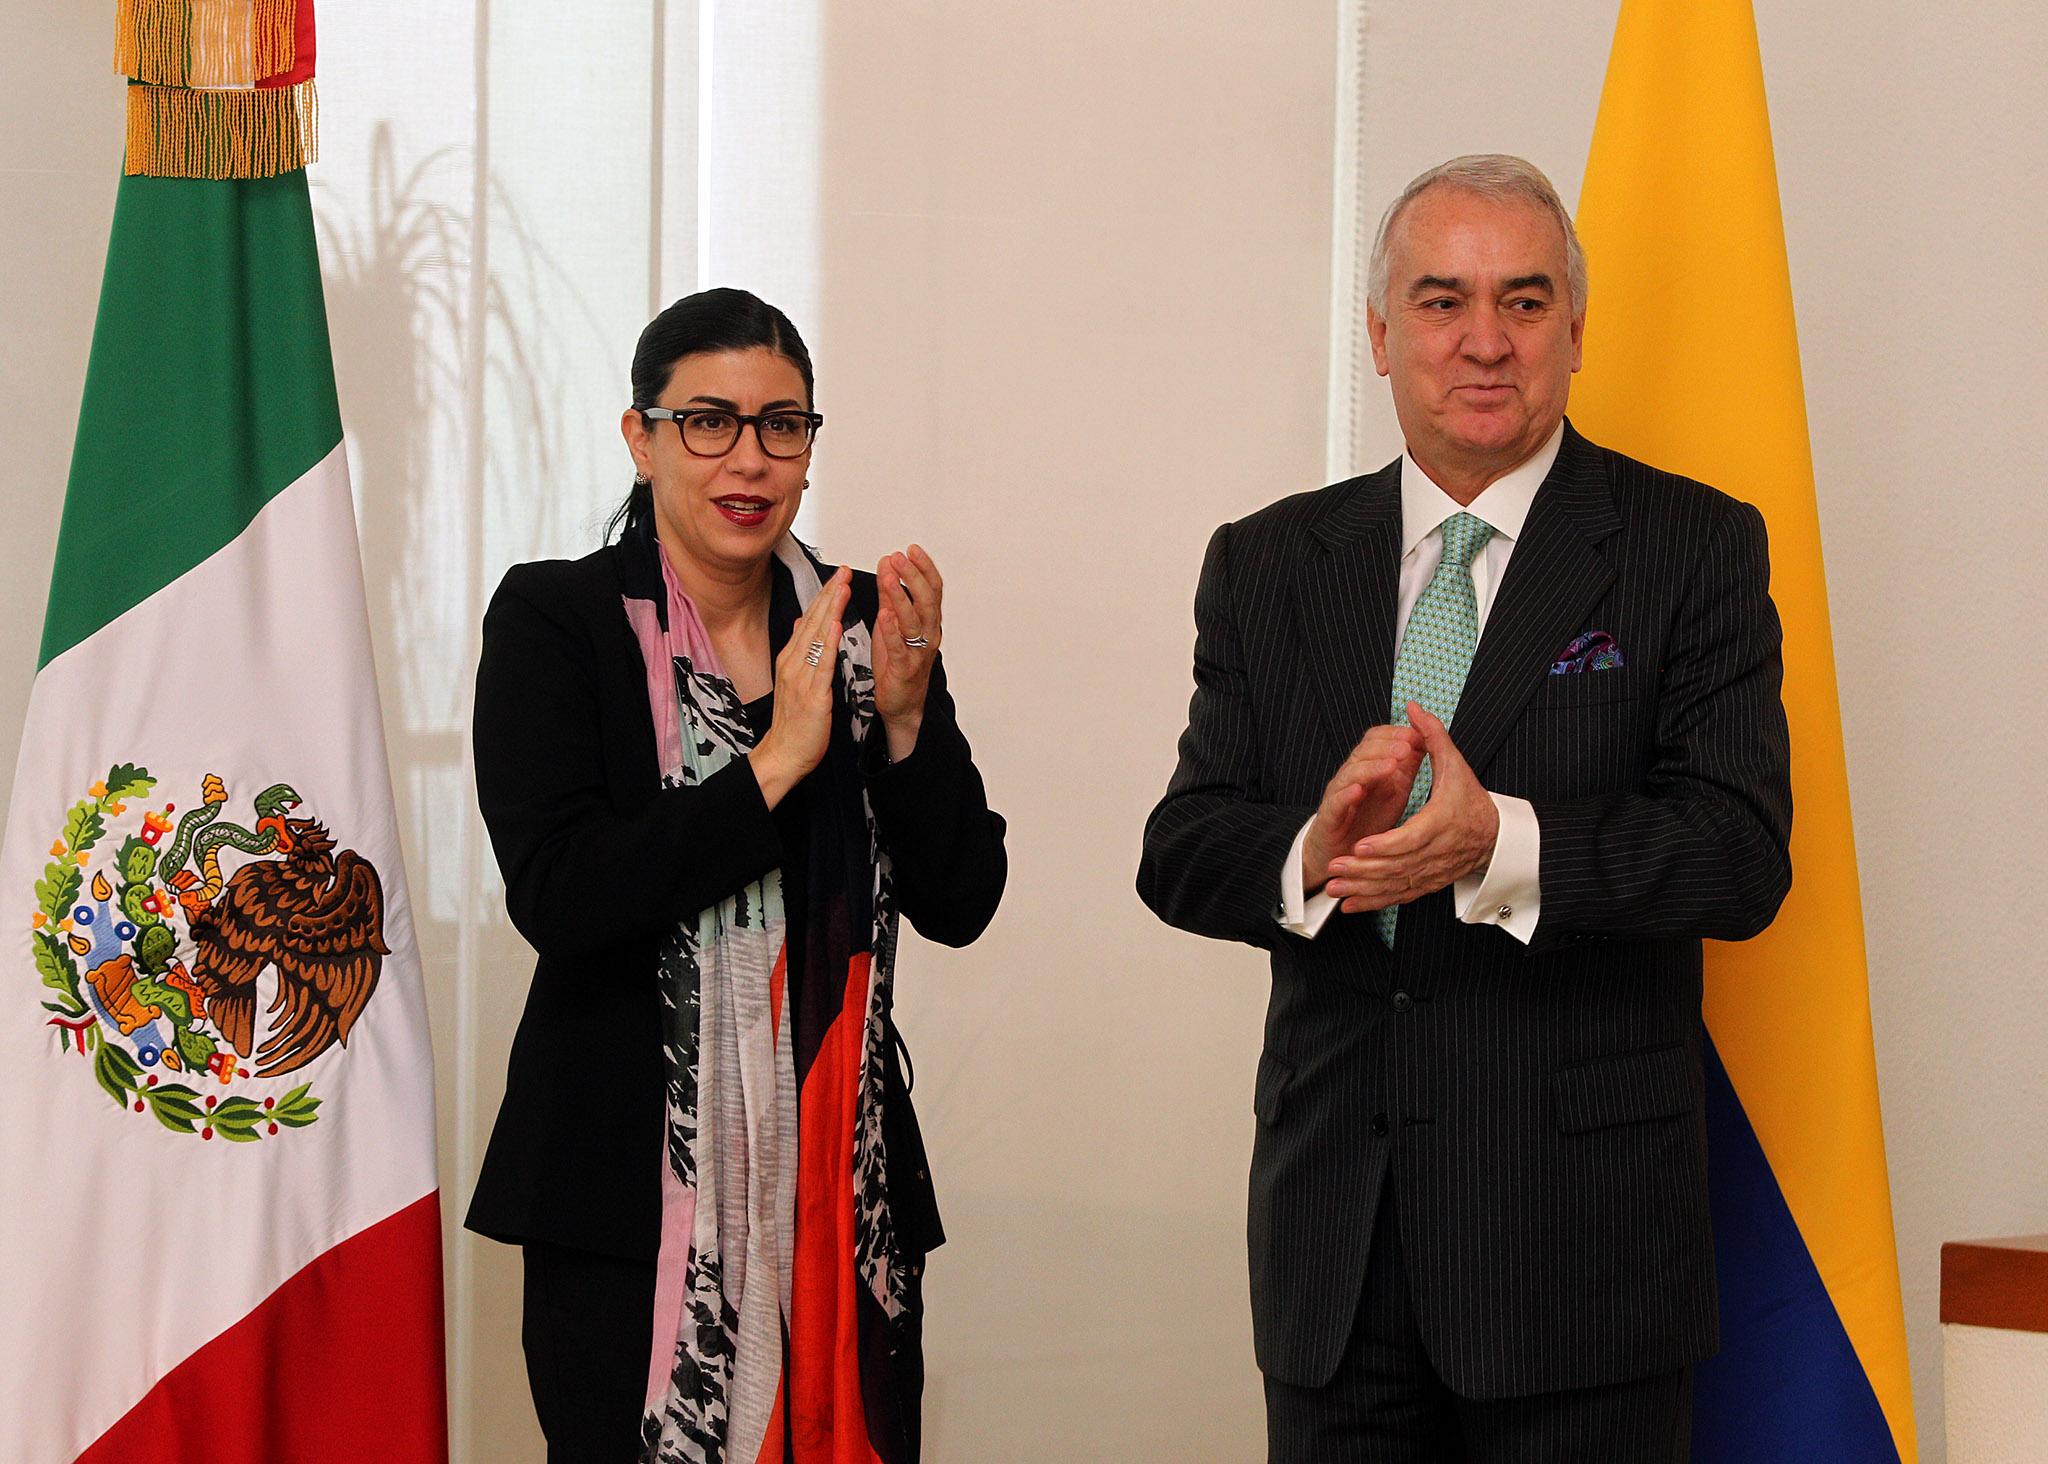 FOTO Subsecretaria Vanessa Rubio Márquez con el embajador de Colombia en México, José Gabriel Ortiz Robledo